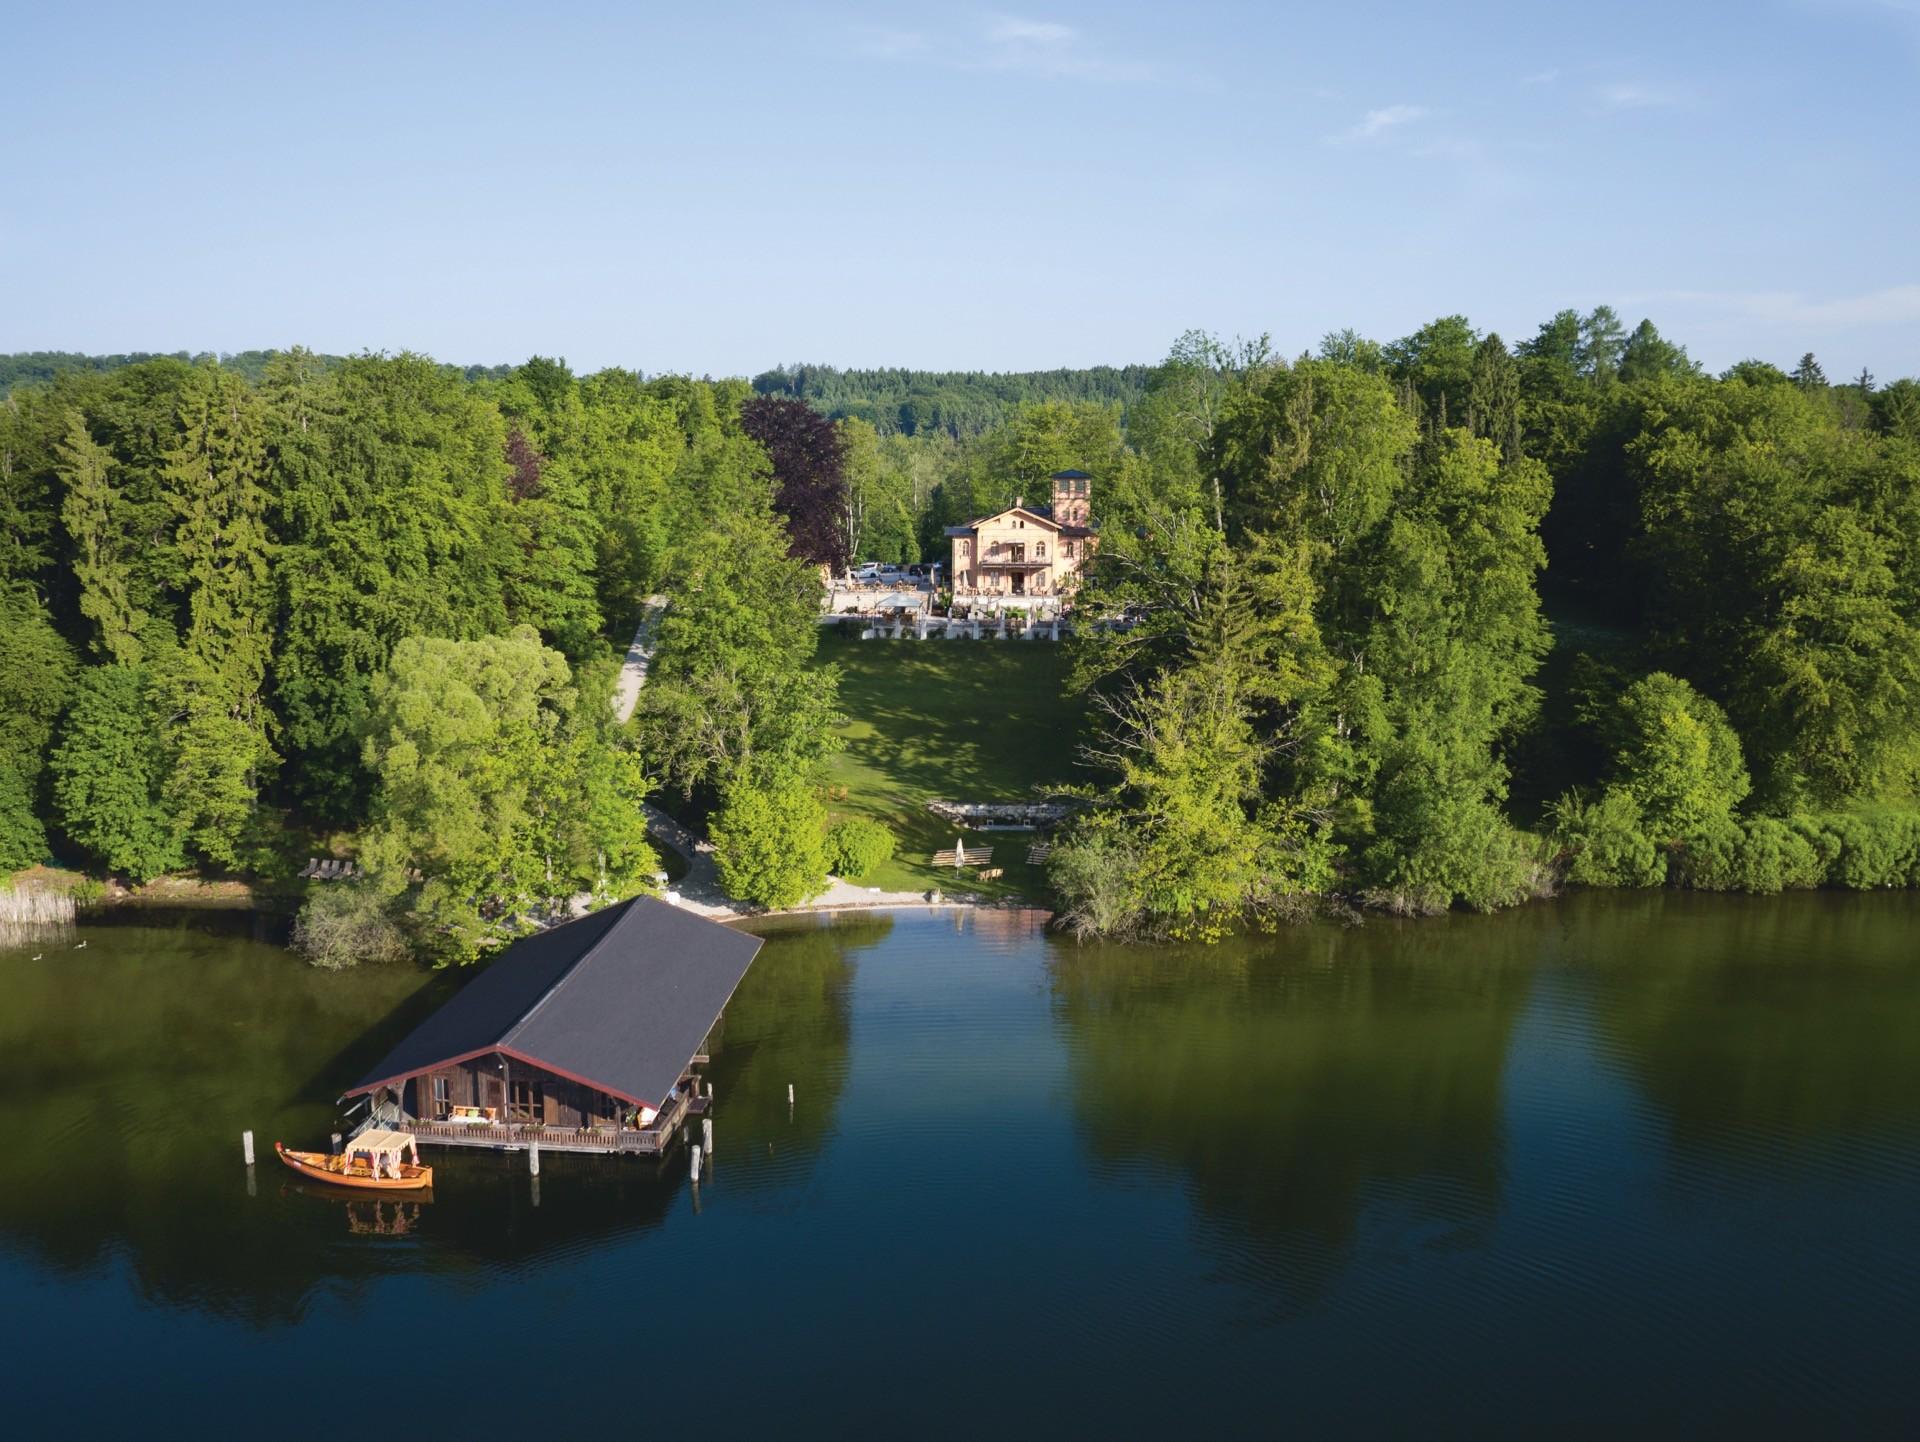 LA VILLA Hotel - Hochzeitslocation am Starnberger See